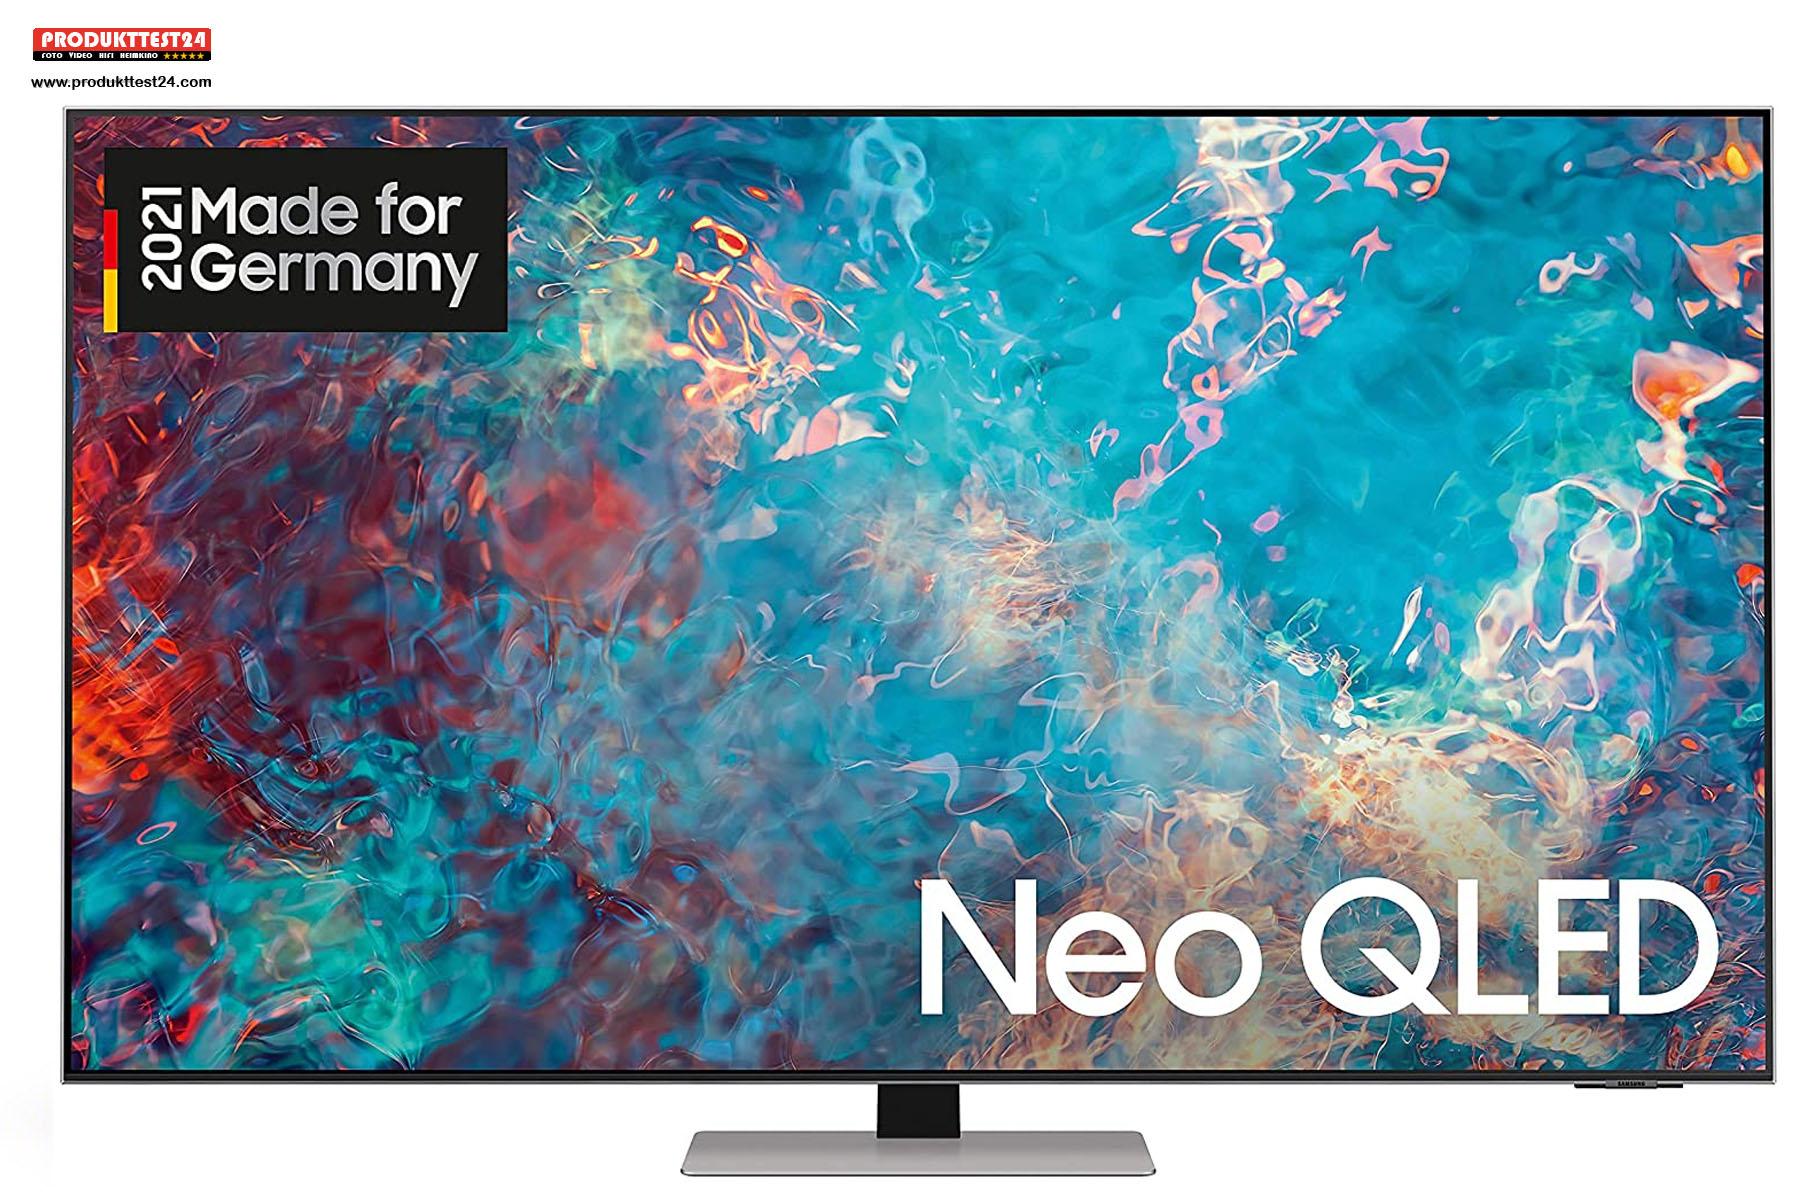 Der neue Neo QLED Fernseher von Samsung